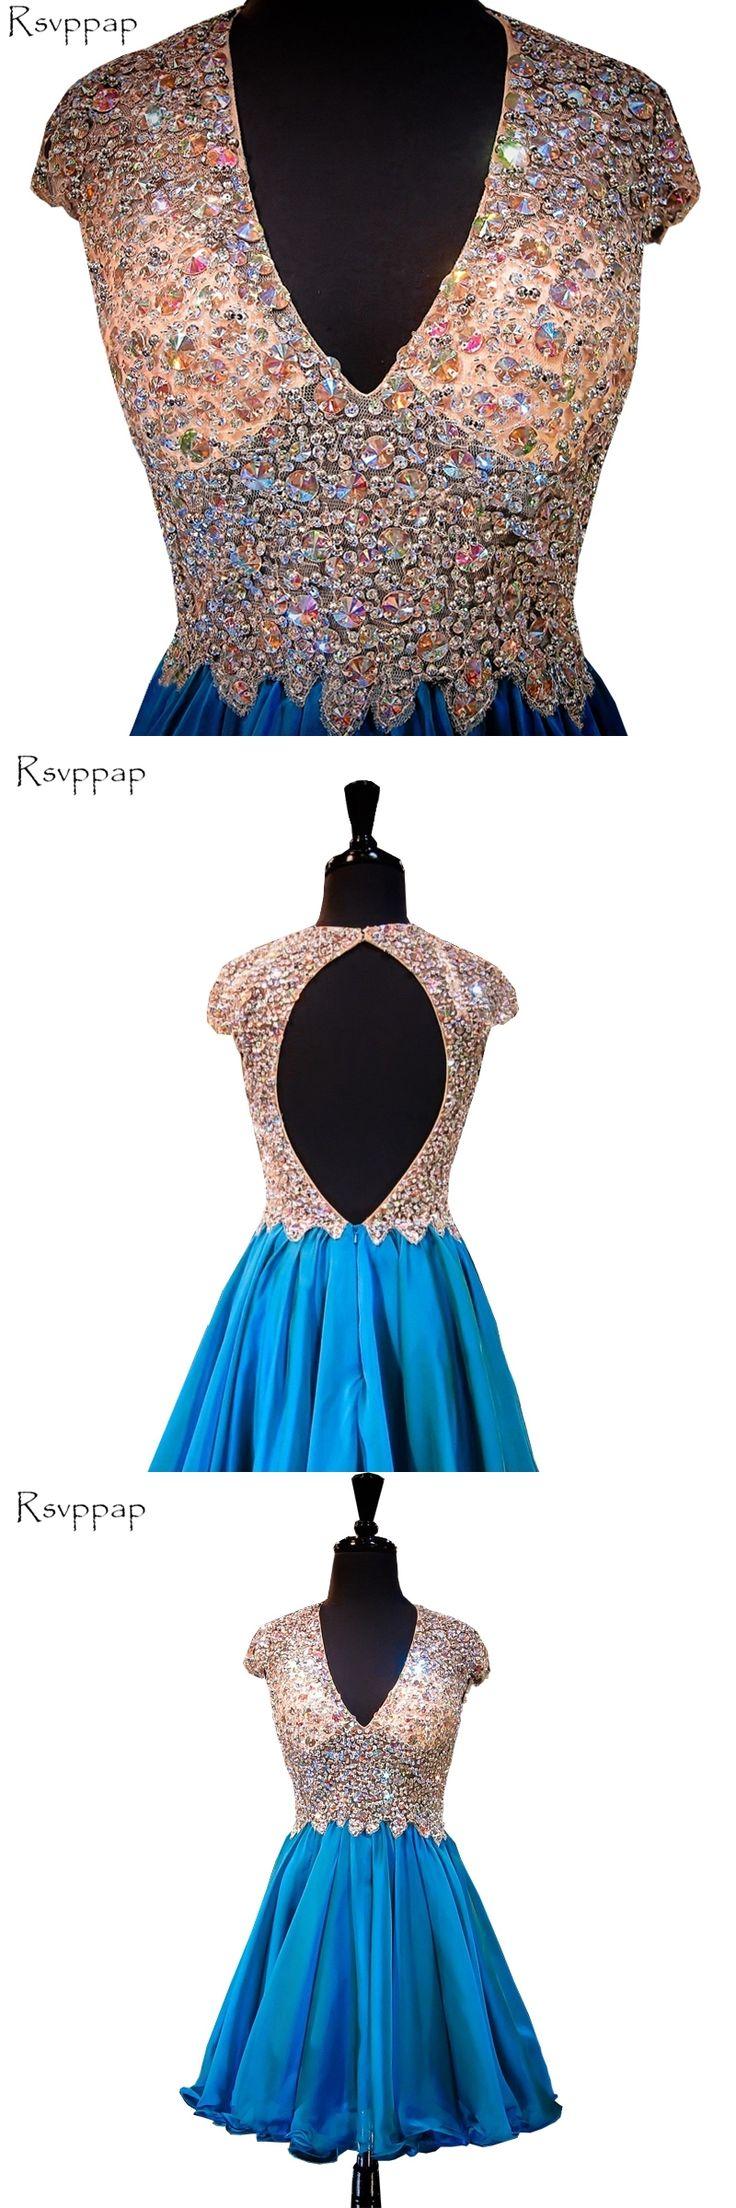 39 best kleider images on Pinterest | Formal prom dresses, Crop ...